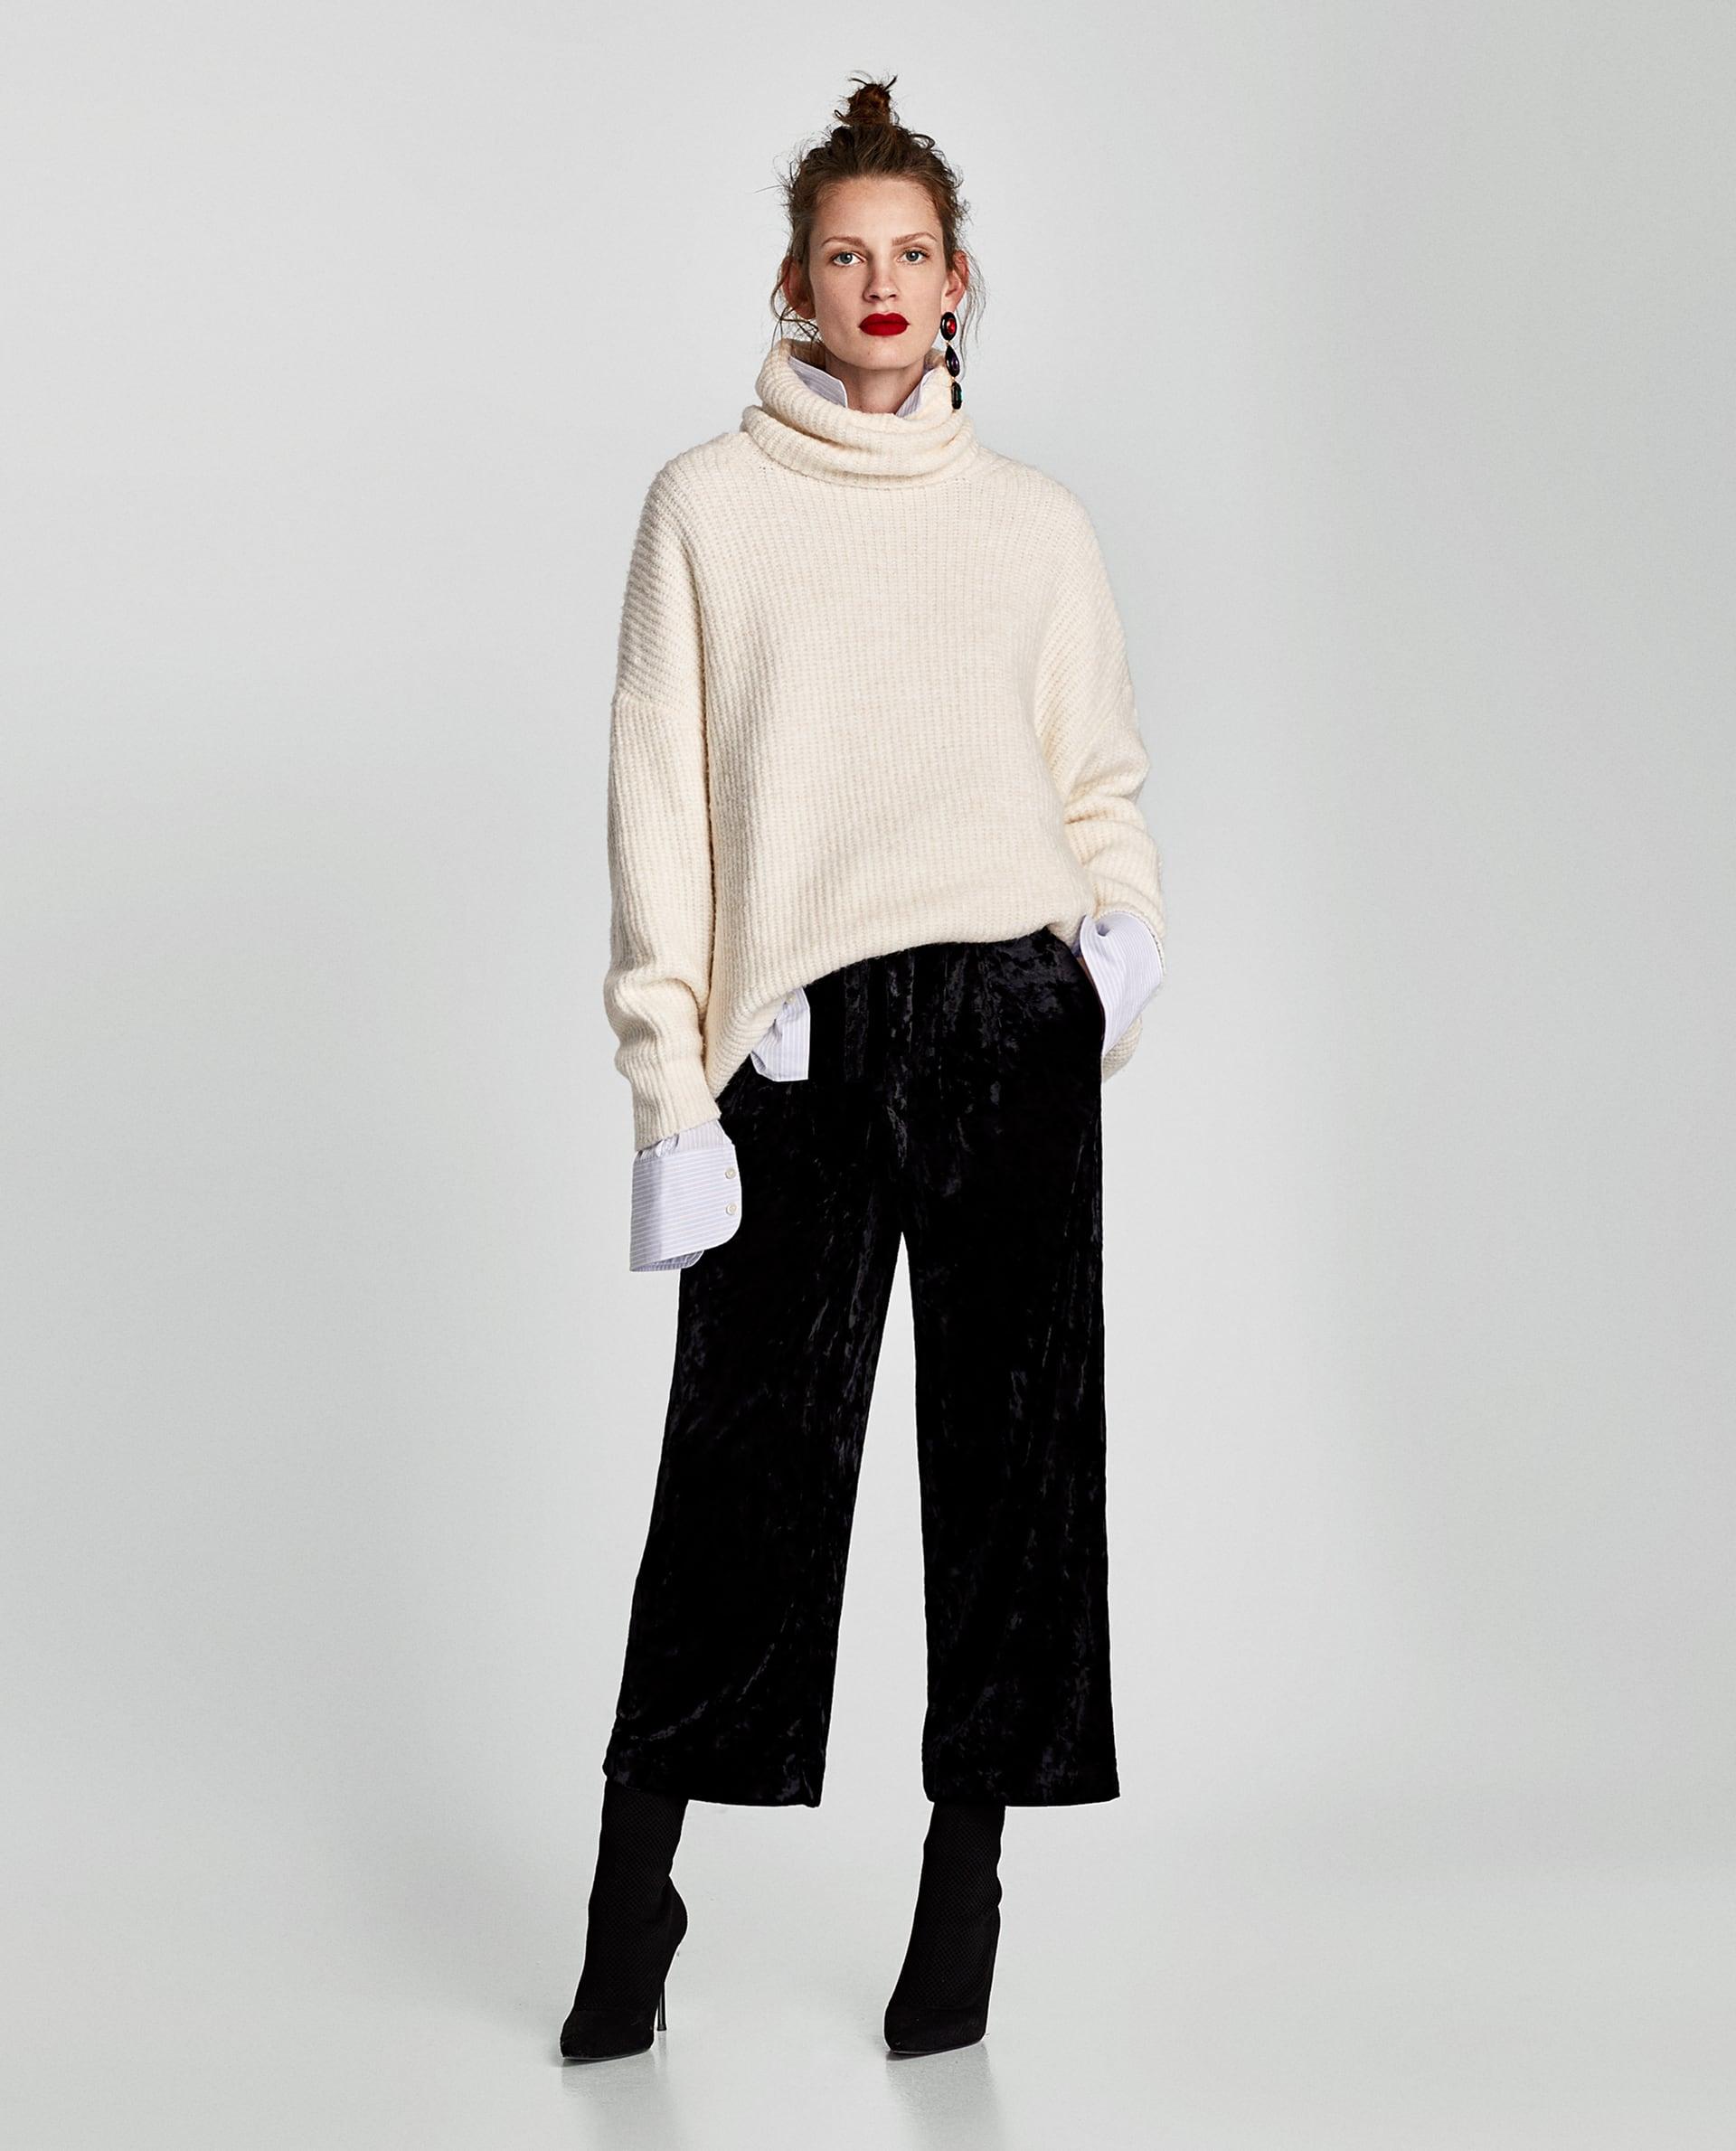 Pantaloni culotte in velluto Zara saldi invernali 2018